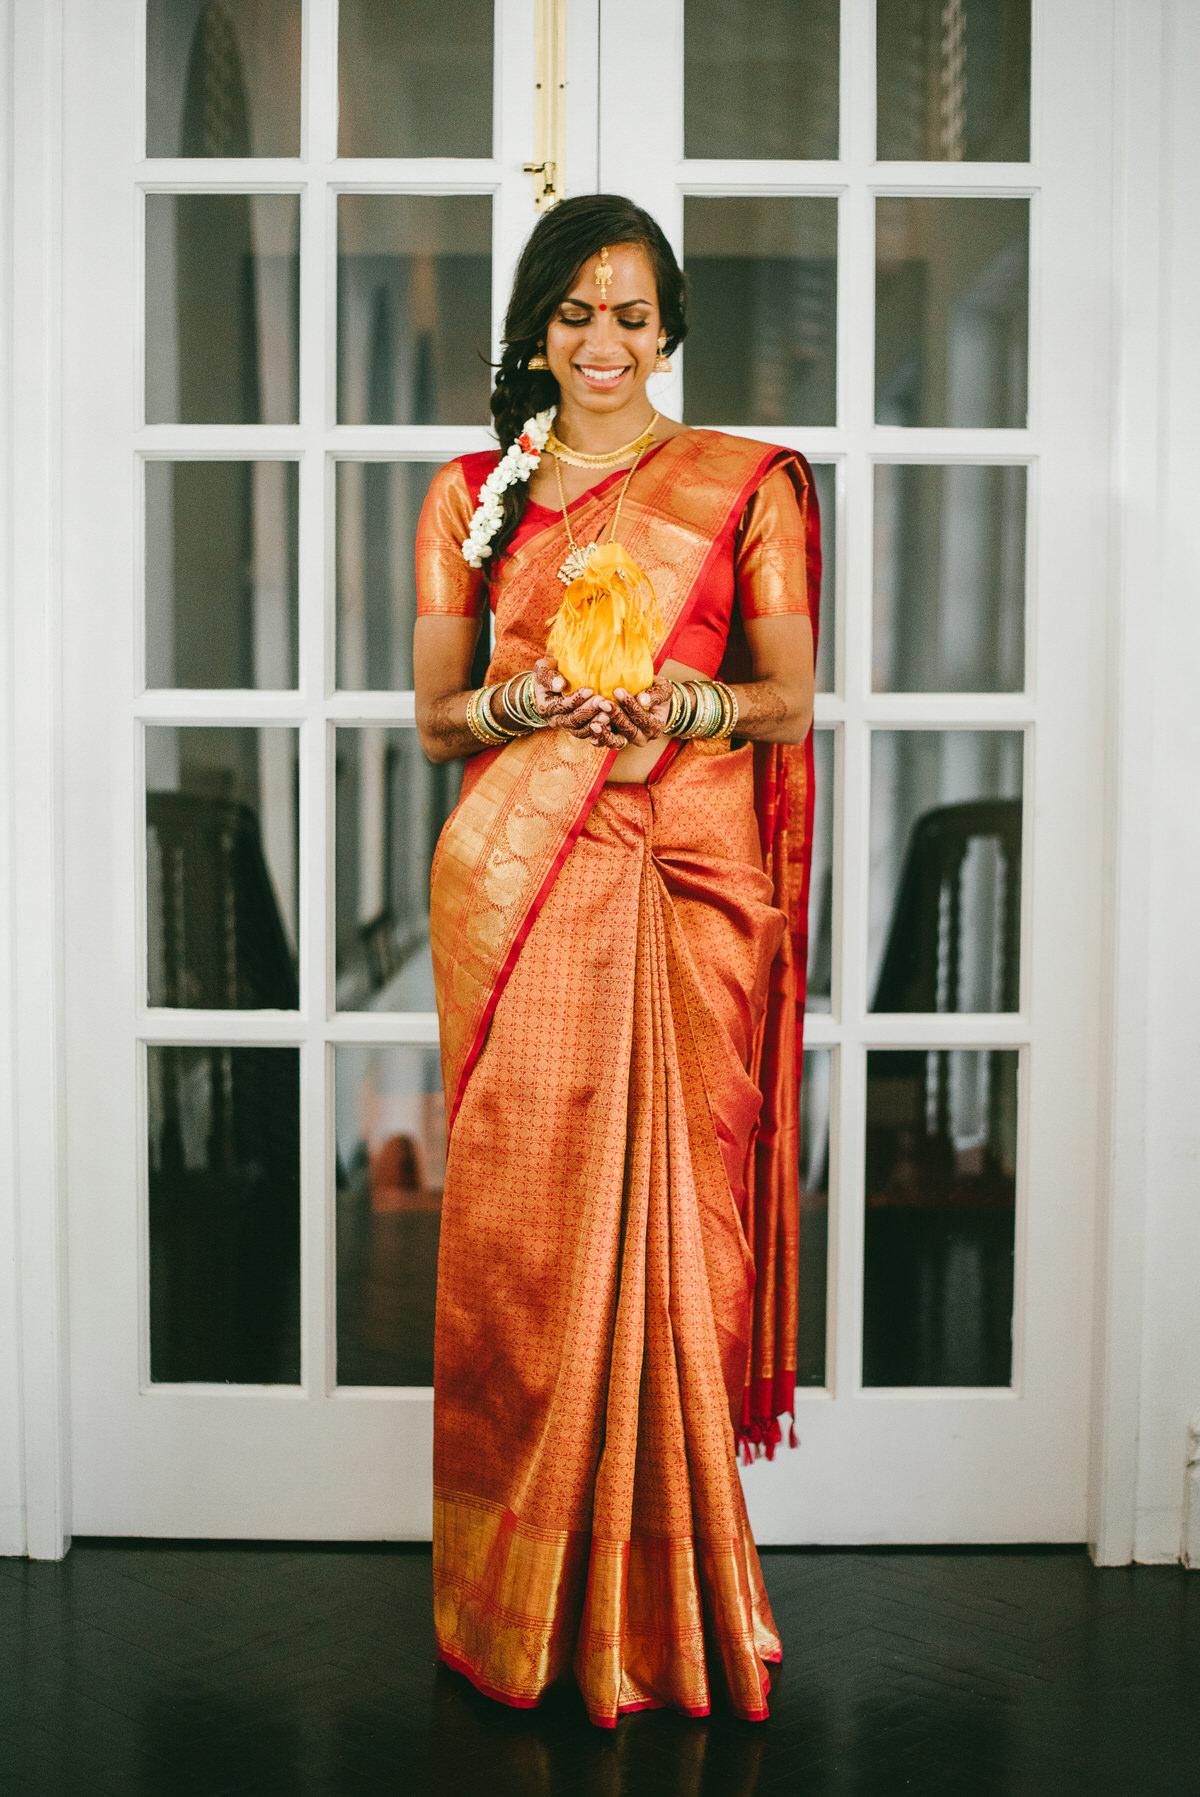 singapore wedding - indian wedding - baliweddingphotographer - diktatphotography - S&L- 45